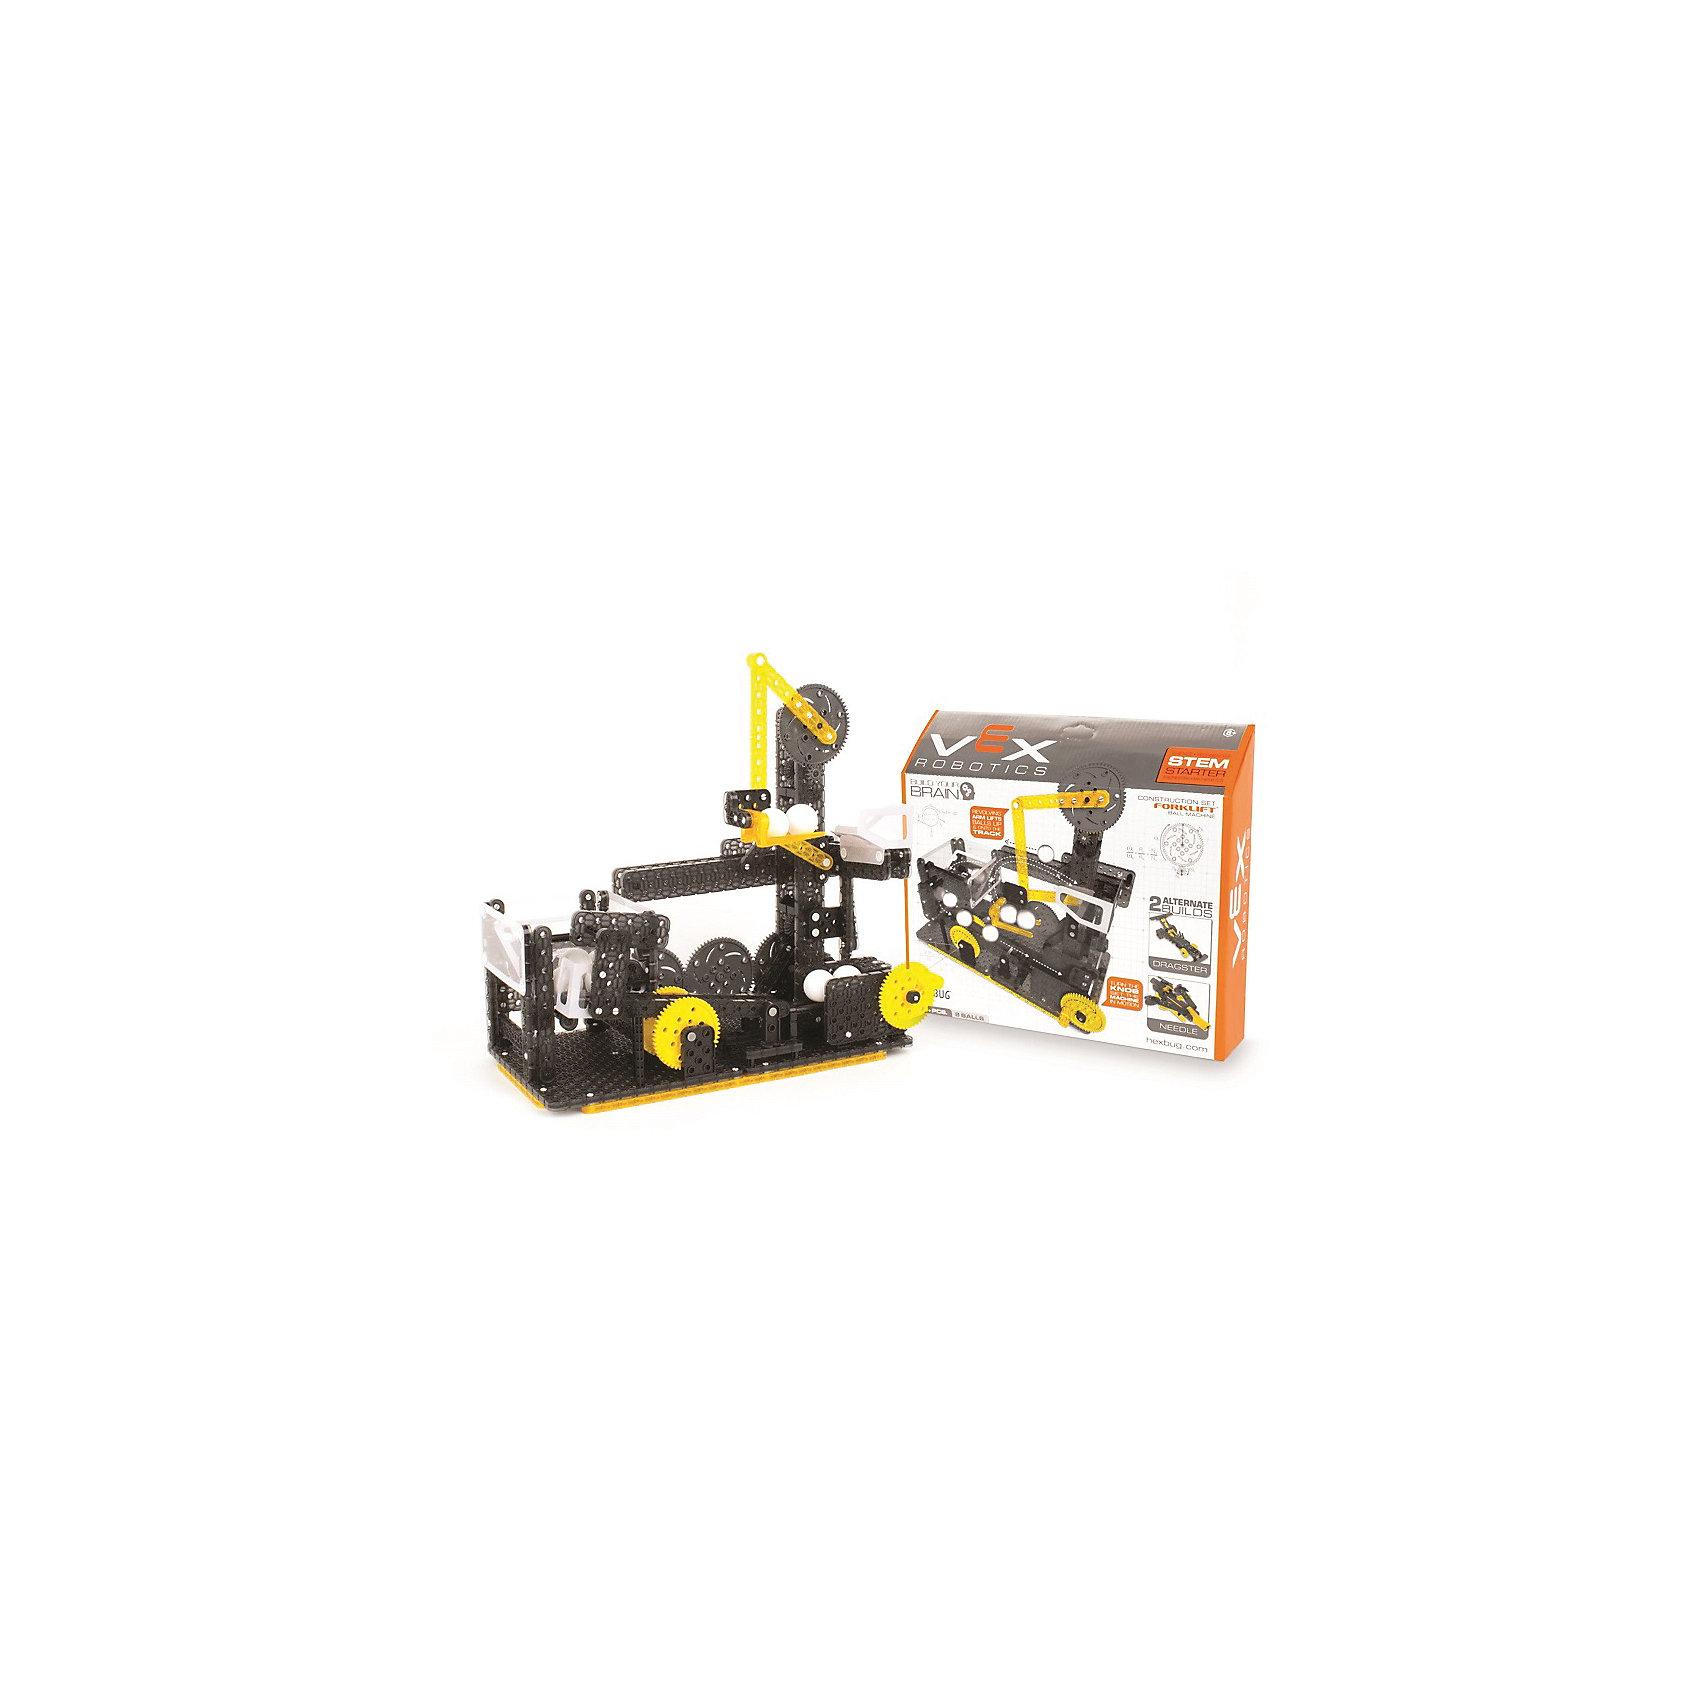 Конструктор VEX Forklift Ball Machine, 270 деталей, HexbugПластмассовые конструкторы<br>Конструктор VEX Forklift Ball Machine, 270 деталей, Hexbug (Хексбаг)<br><br>Характеристики:<br><br>• несколько вариантов сборки<br>• прост в управлении<br>• подходит к другим конструкторам VEX<br>• количество деталей: 270<br>• размер упаковки: 10х40х35 см<br>• вес: 900 грамм<br><br>Forklift Ball Machine - увлекательный конструктор для детей от  пяти лет. Из 270 деталей ребенок сможет построить интересный механизм, способный быстро поднимать и передвигать маленькие шарики. Готовый механизм очень прост в управлении. Все детали подходят к другим наборам VEX. Игра с конструктором VEX наглядно познакомит ребенка с миром физики и механики.<br><br>Конструктор VEX Forklift Ball Machine, 270 деталей, Hexbug (Хексбаг) вы можете купить в нашем интернет-магазине.<br><br>Ширина мм: 270<br>Глубина мм: 60<br>Высота мм: 230<br>Вес г: 897<br>Возраст от месяцев: 36<br>Возраст до месяцев: 2147483647<br>Пол: Унисекс<br>Возраст: Детский<br>SKU: 5507206